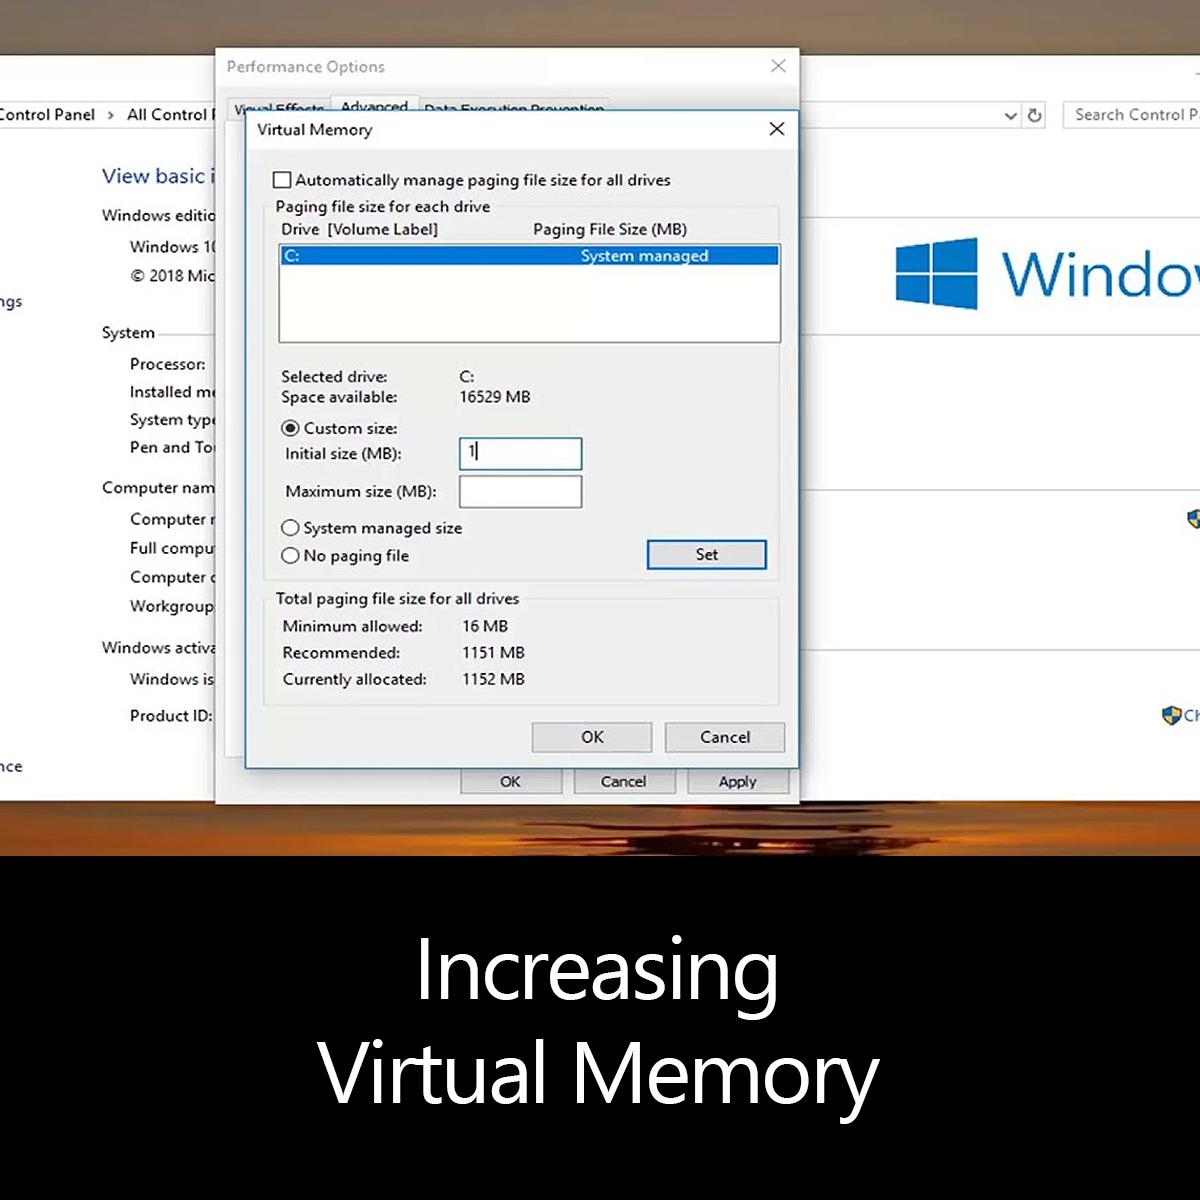 Increasing Virtual Memory